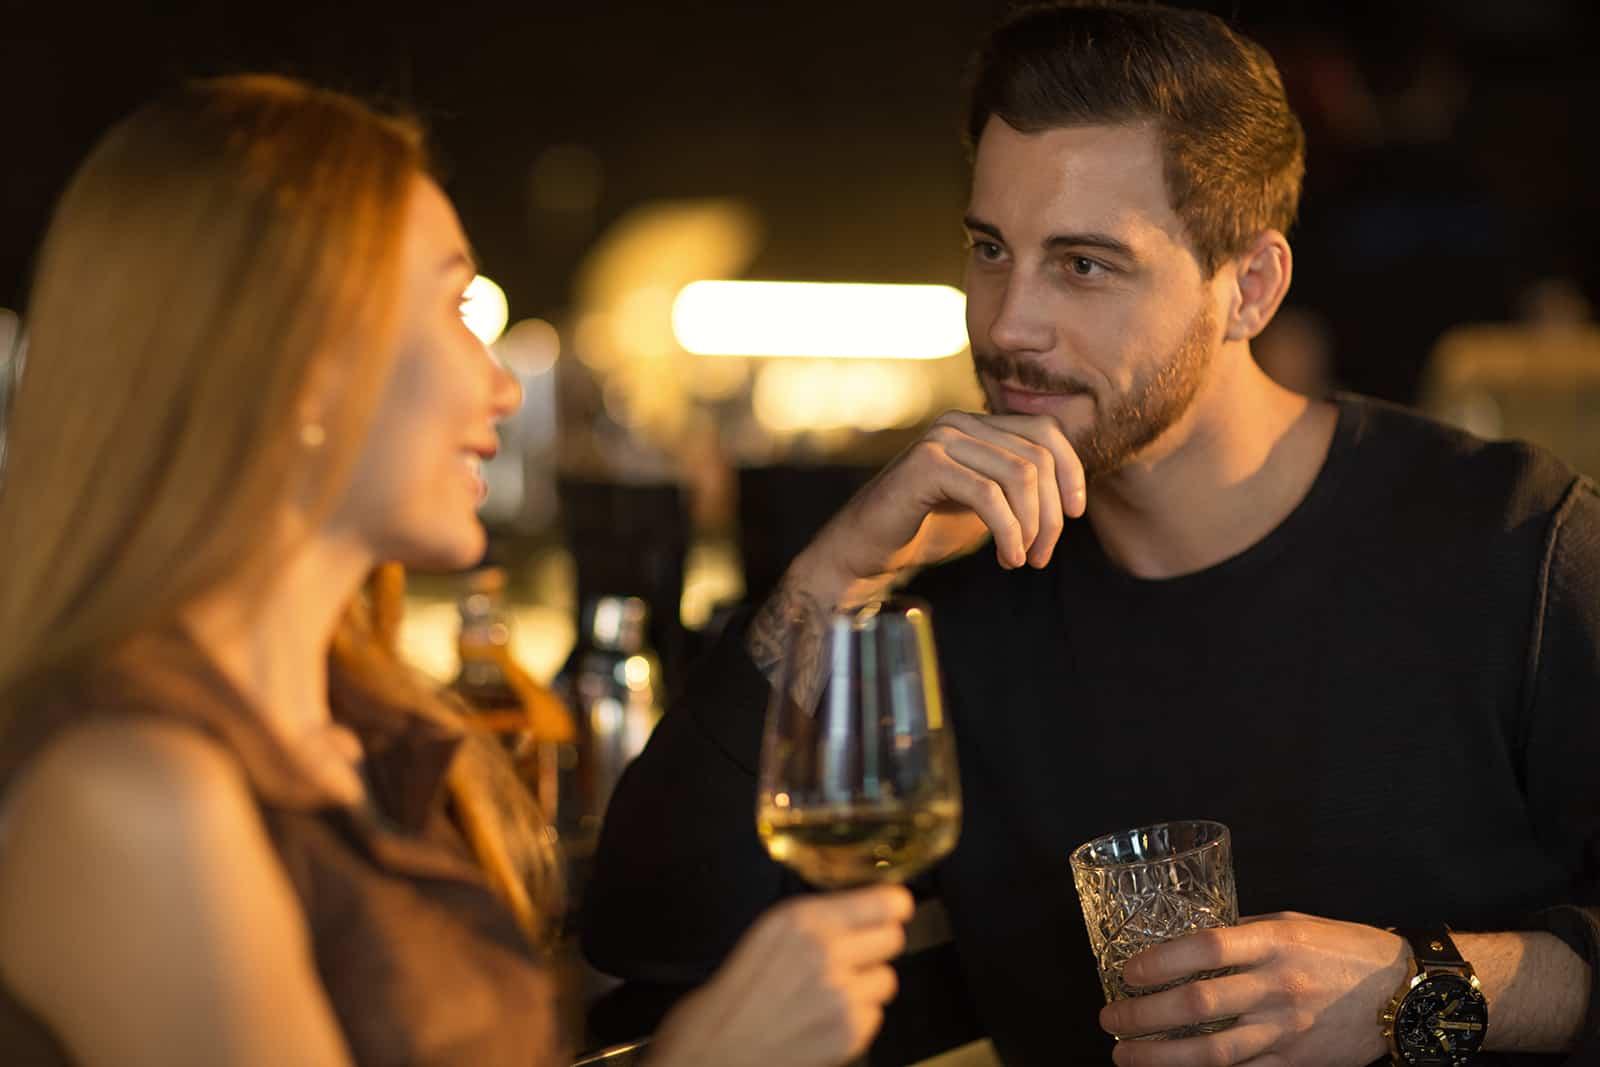 gutaussehender Mann, der einer schönen Frau zuhört, während er zusammen in der Bar etwas trinkt